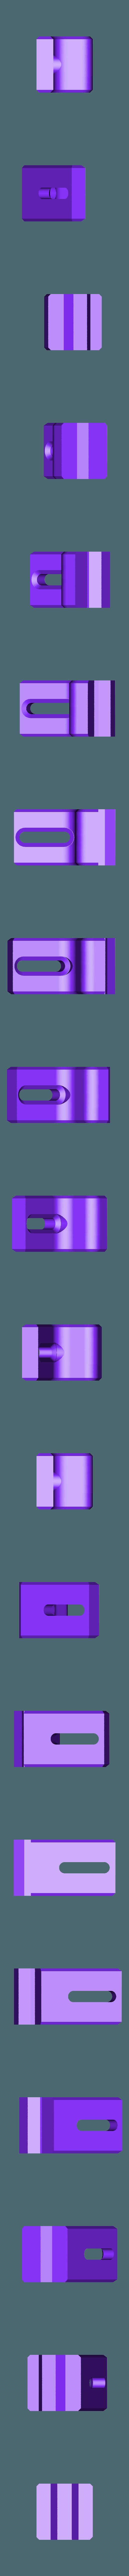 AggancioBinario.stl Télécharger fichier STL gratuit Support de tablette pour le Creality Ender 3 • Modèle pour impression 3D, Kliffom